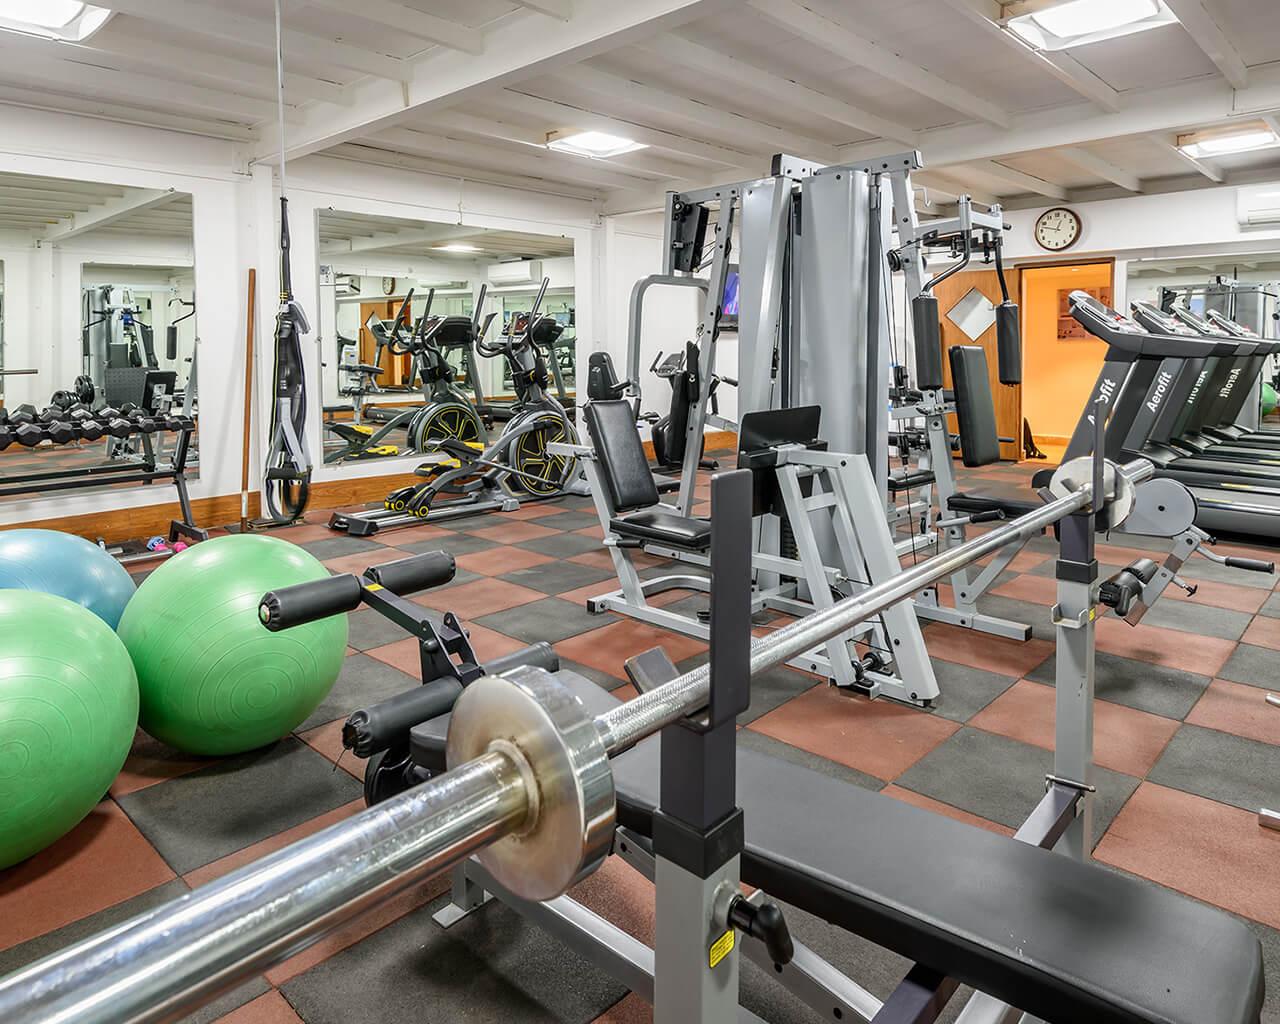 KRR-fitness